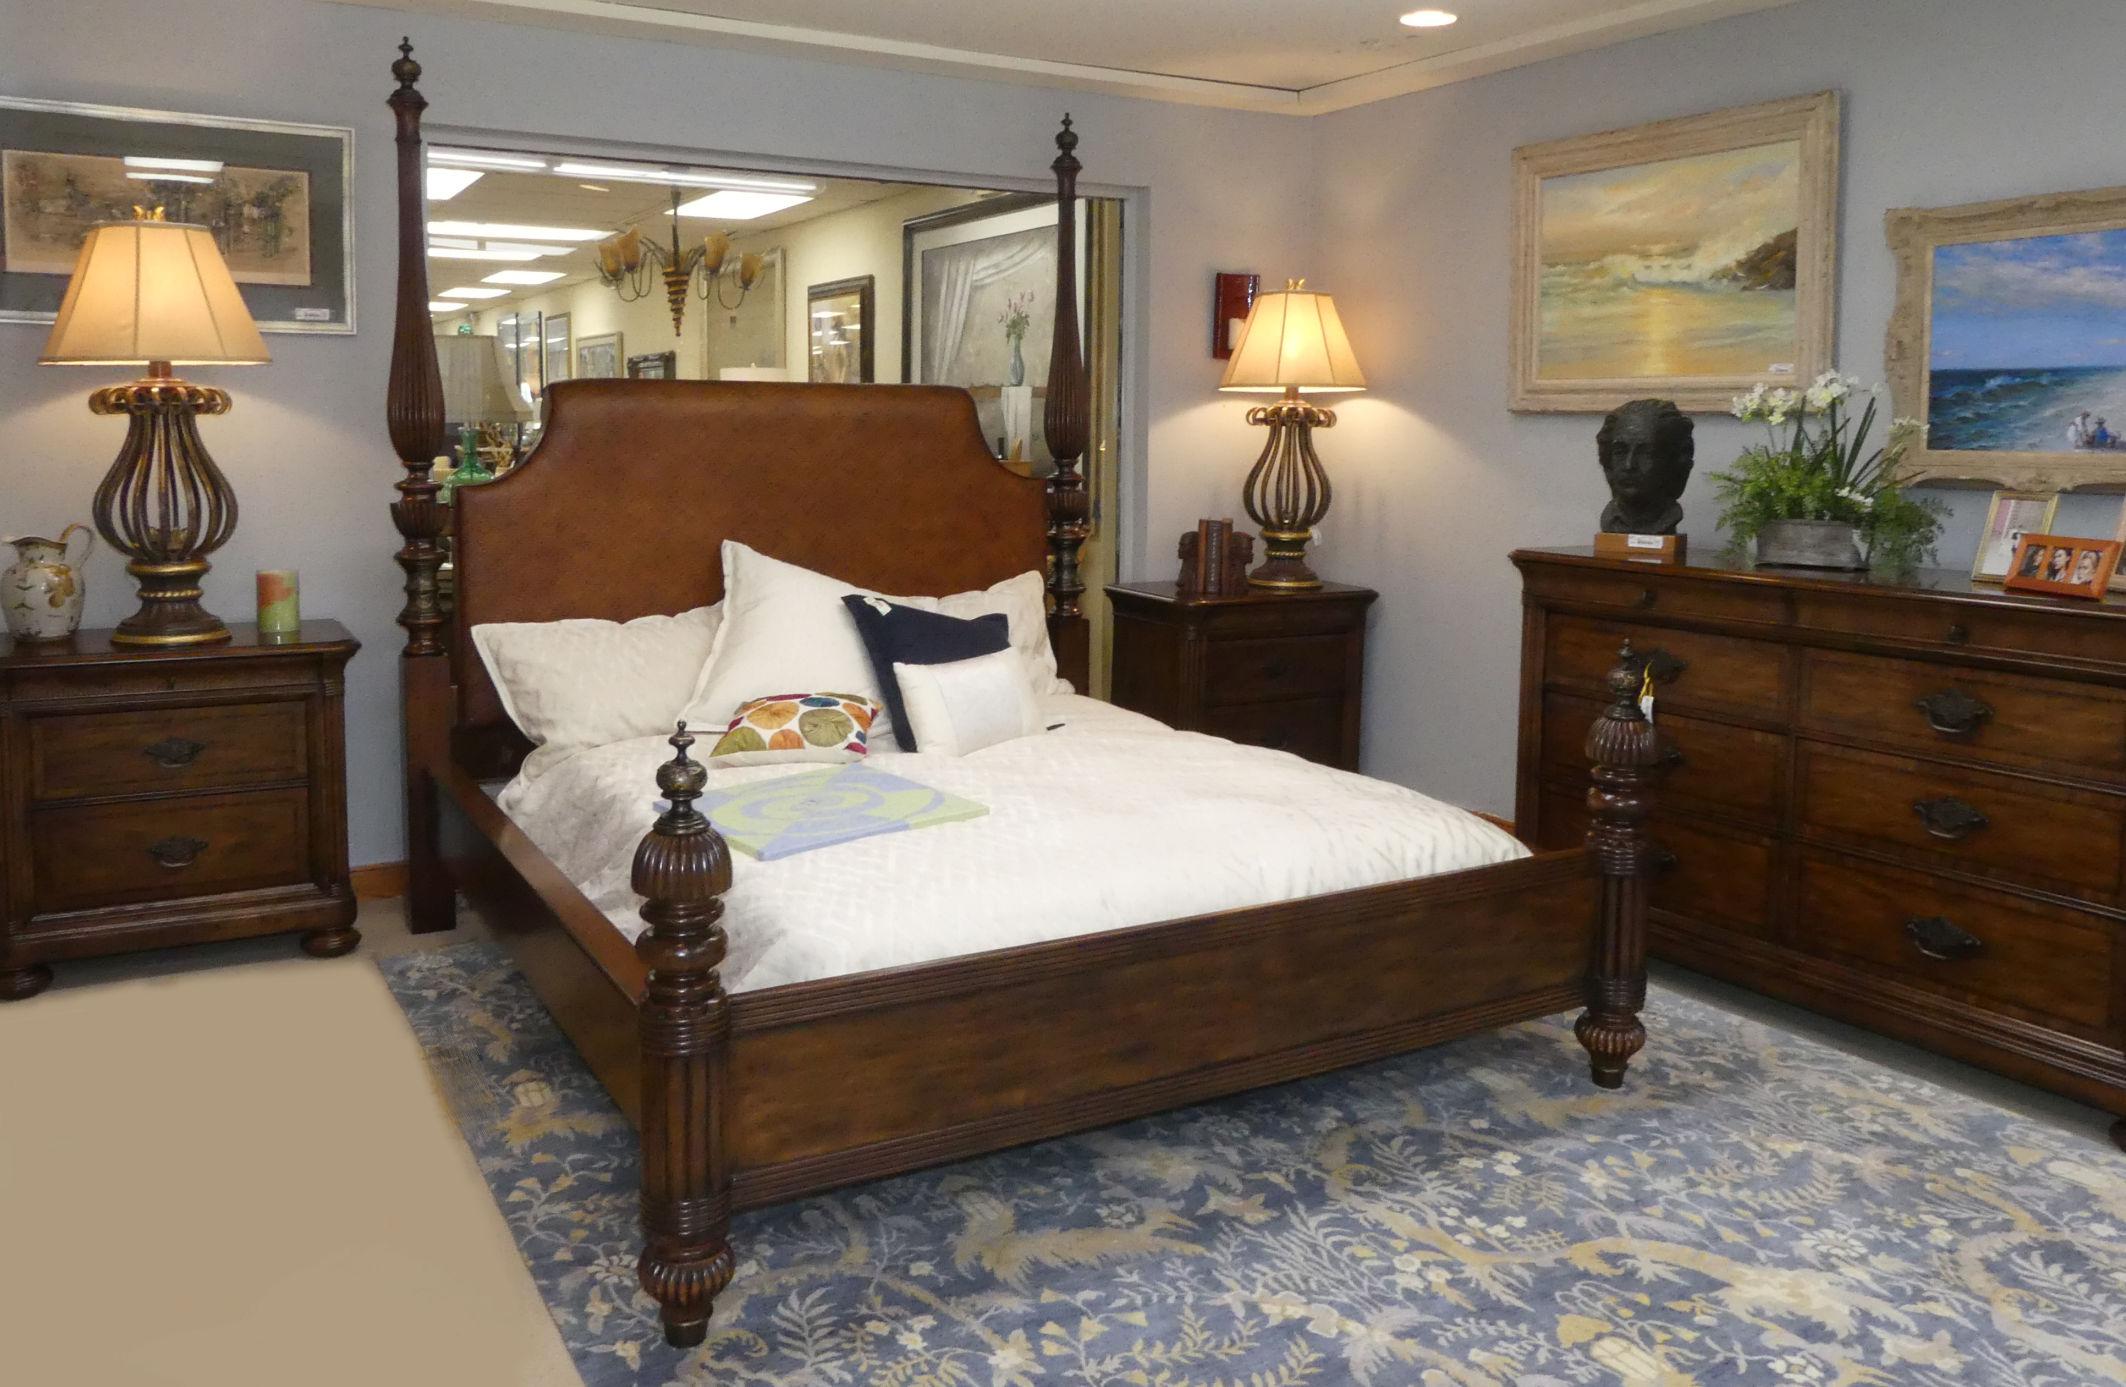 thomasville-hemingway-king-suite a01.jpg